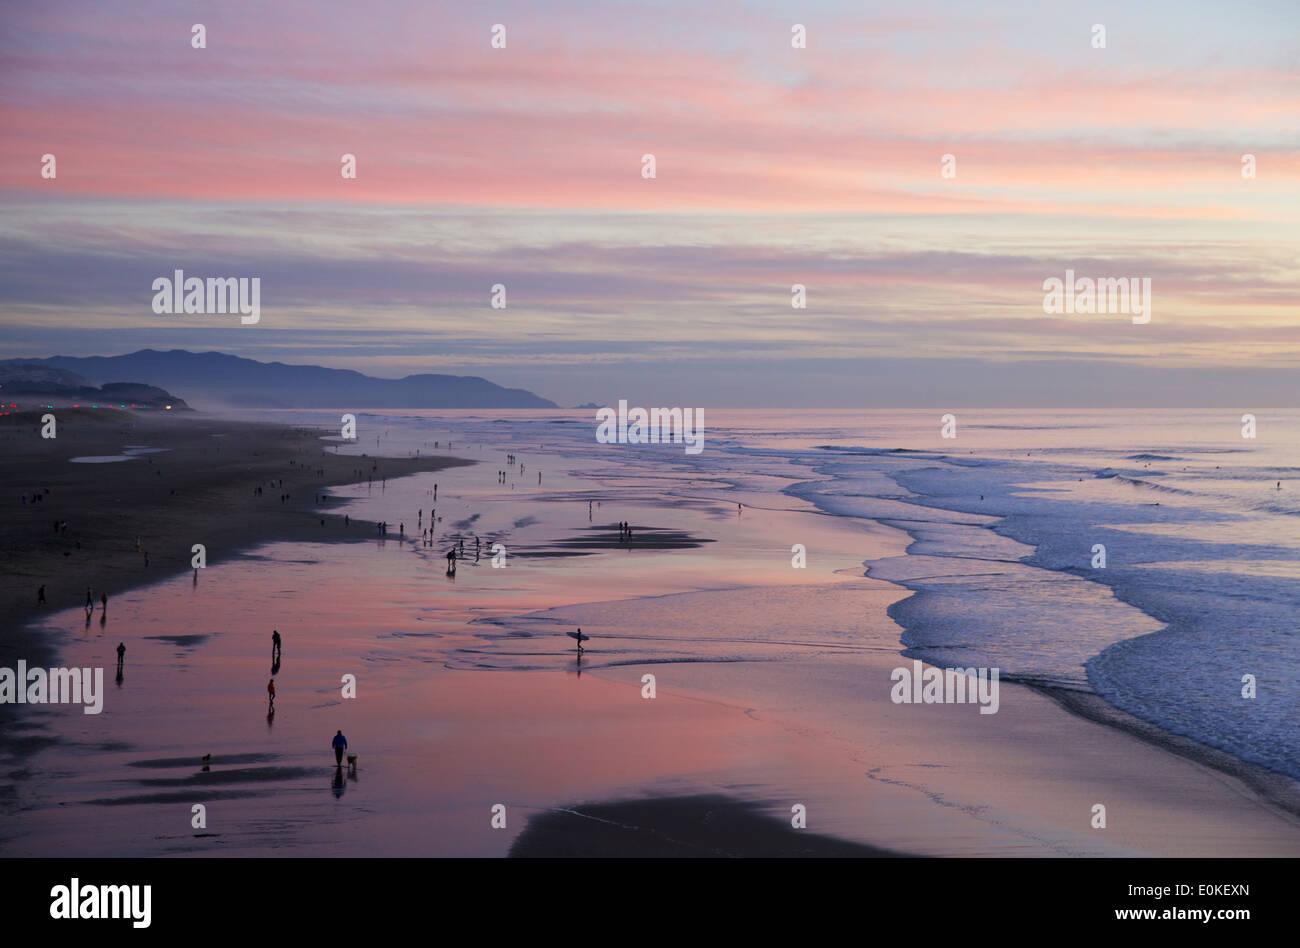 Les gens qui marchent le long de la côte sont découpé sur un superbe coucher de soleil avec des couleurs de bleu, rose et violet. Photo Stock